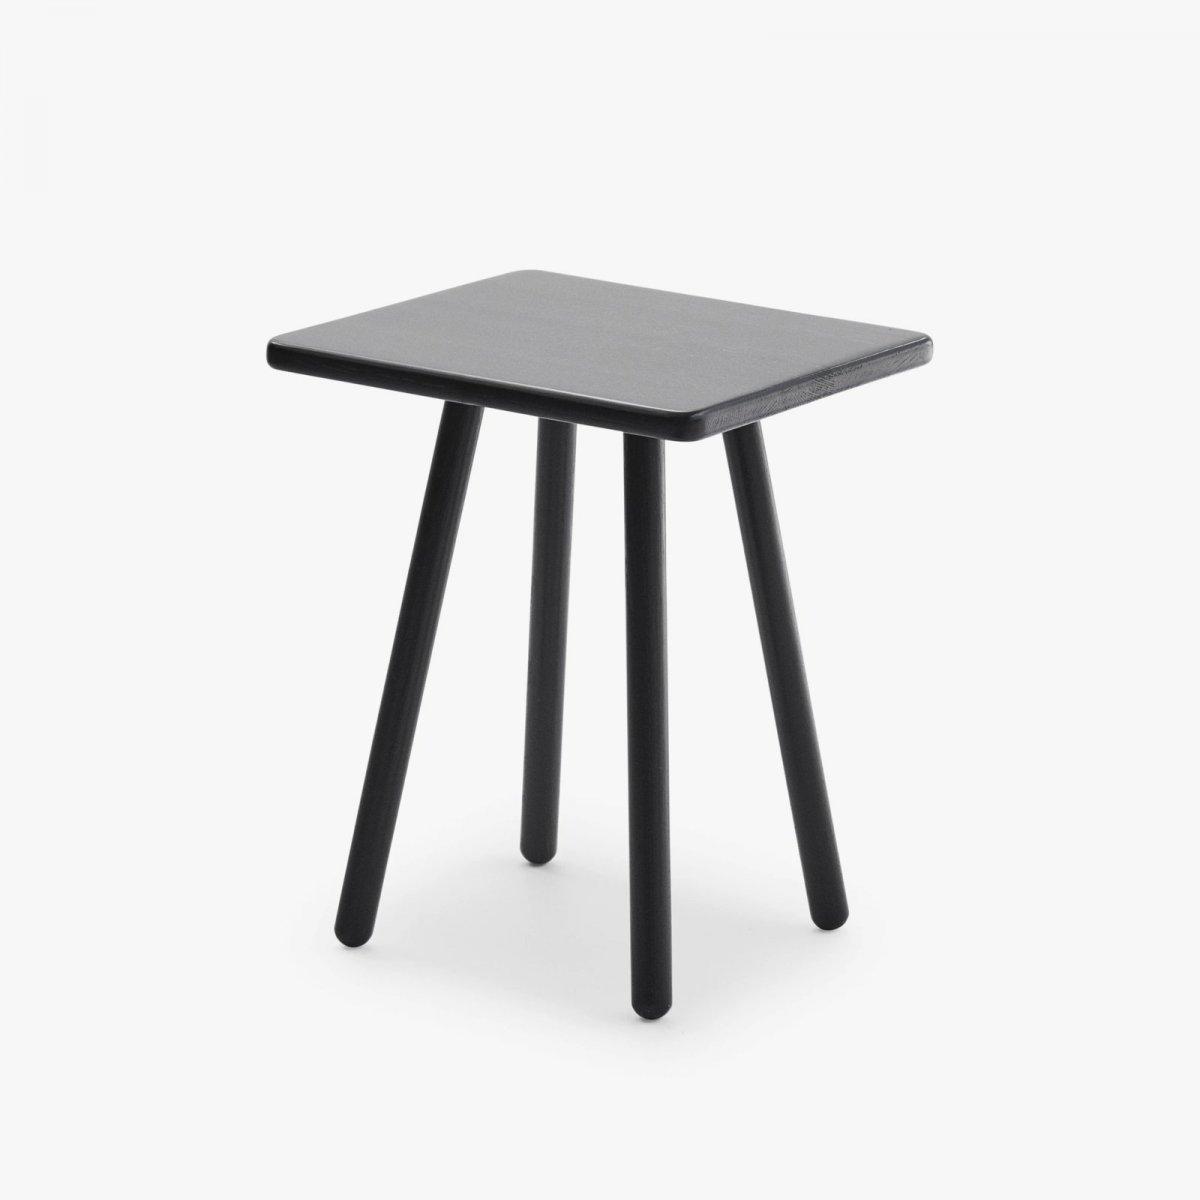 Georg Side Table, black.